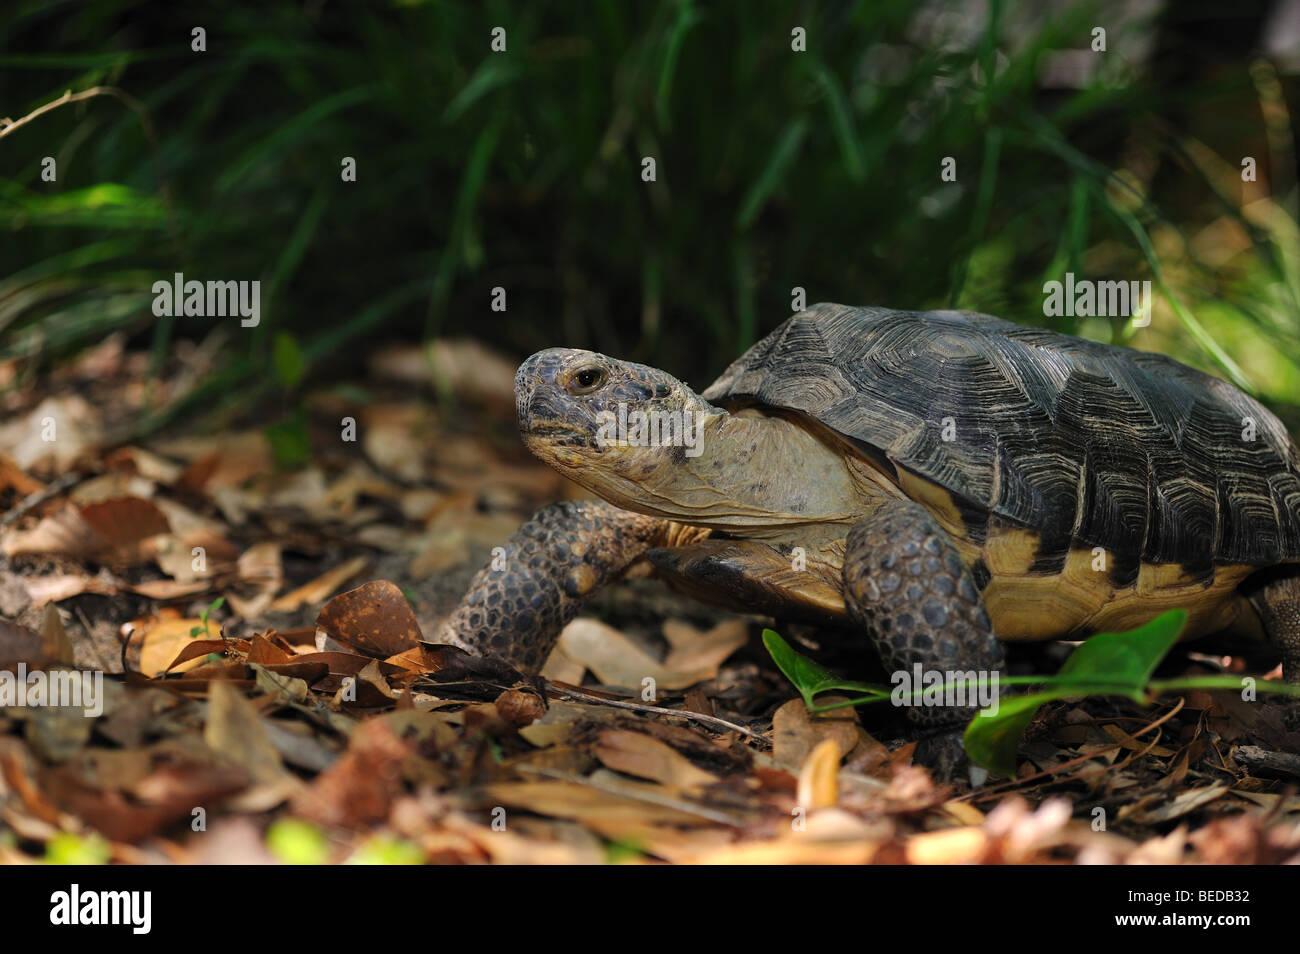 Gopher Schildkröte, Gopherus Polyphemus, Florida, gefangen Stockbild